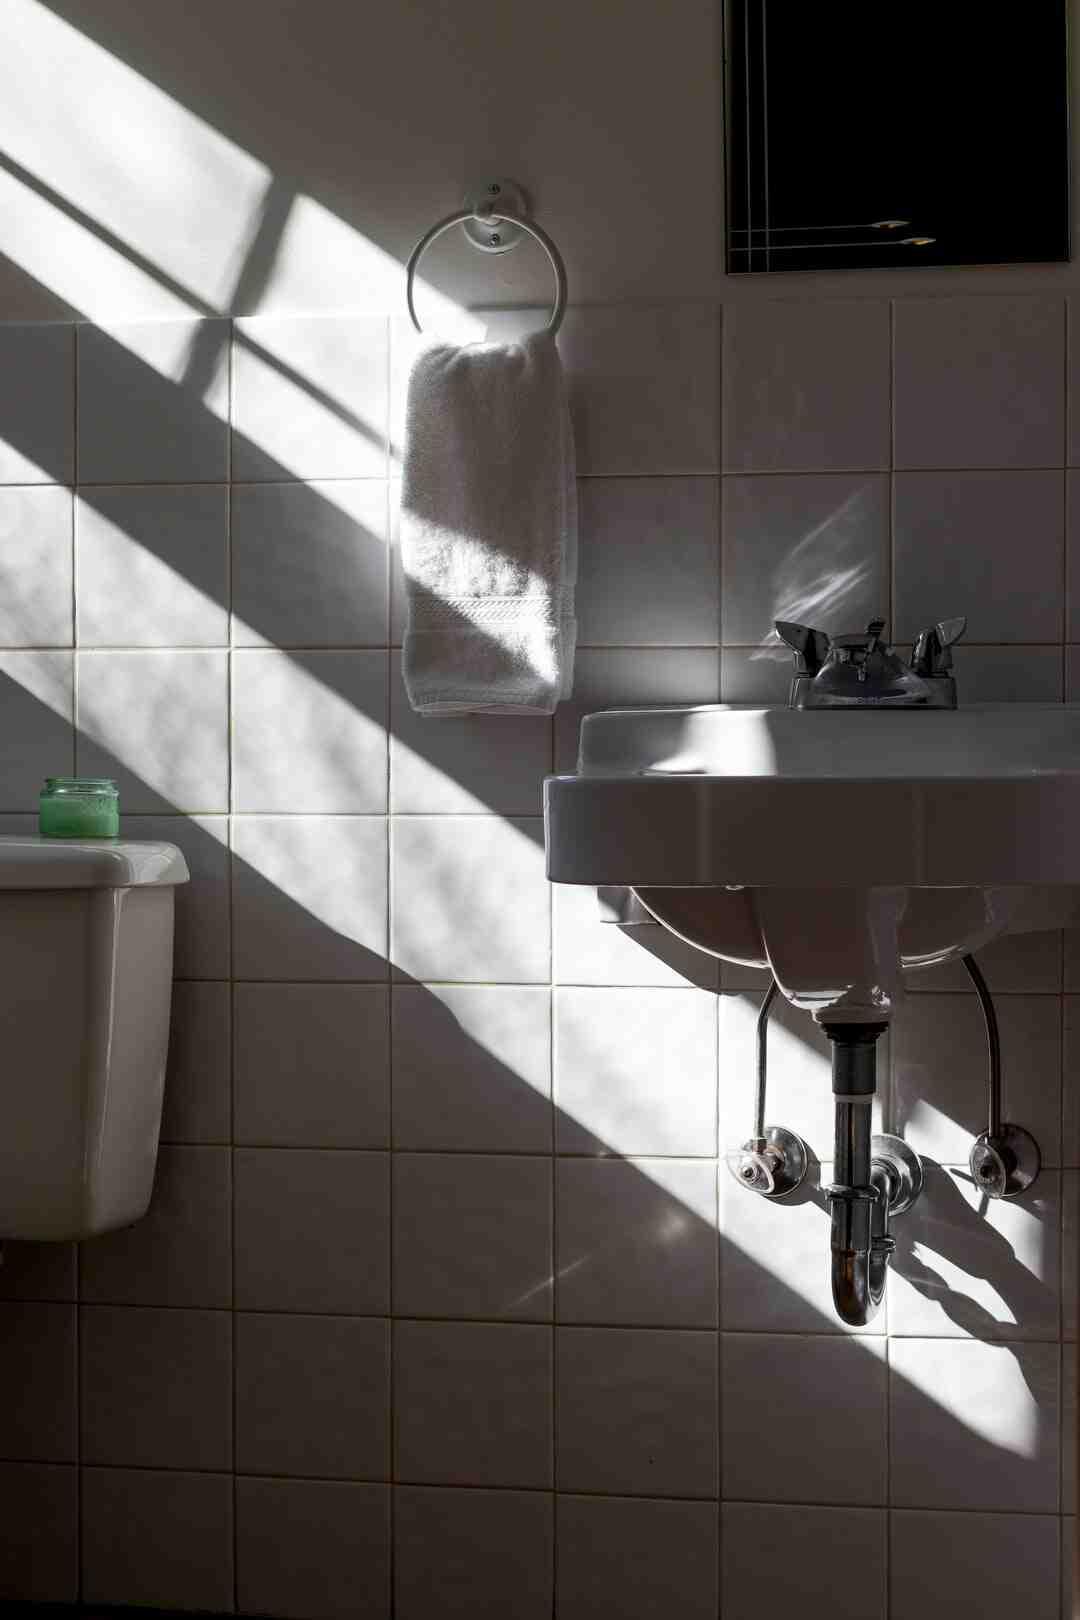 Comment faire la plomberie d'une salle de bain